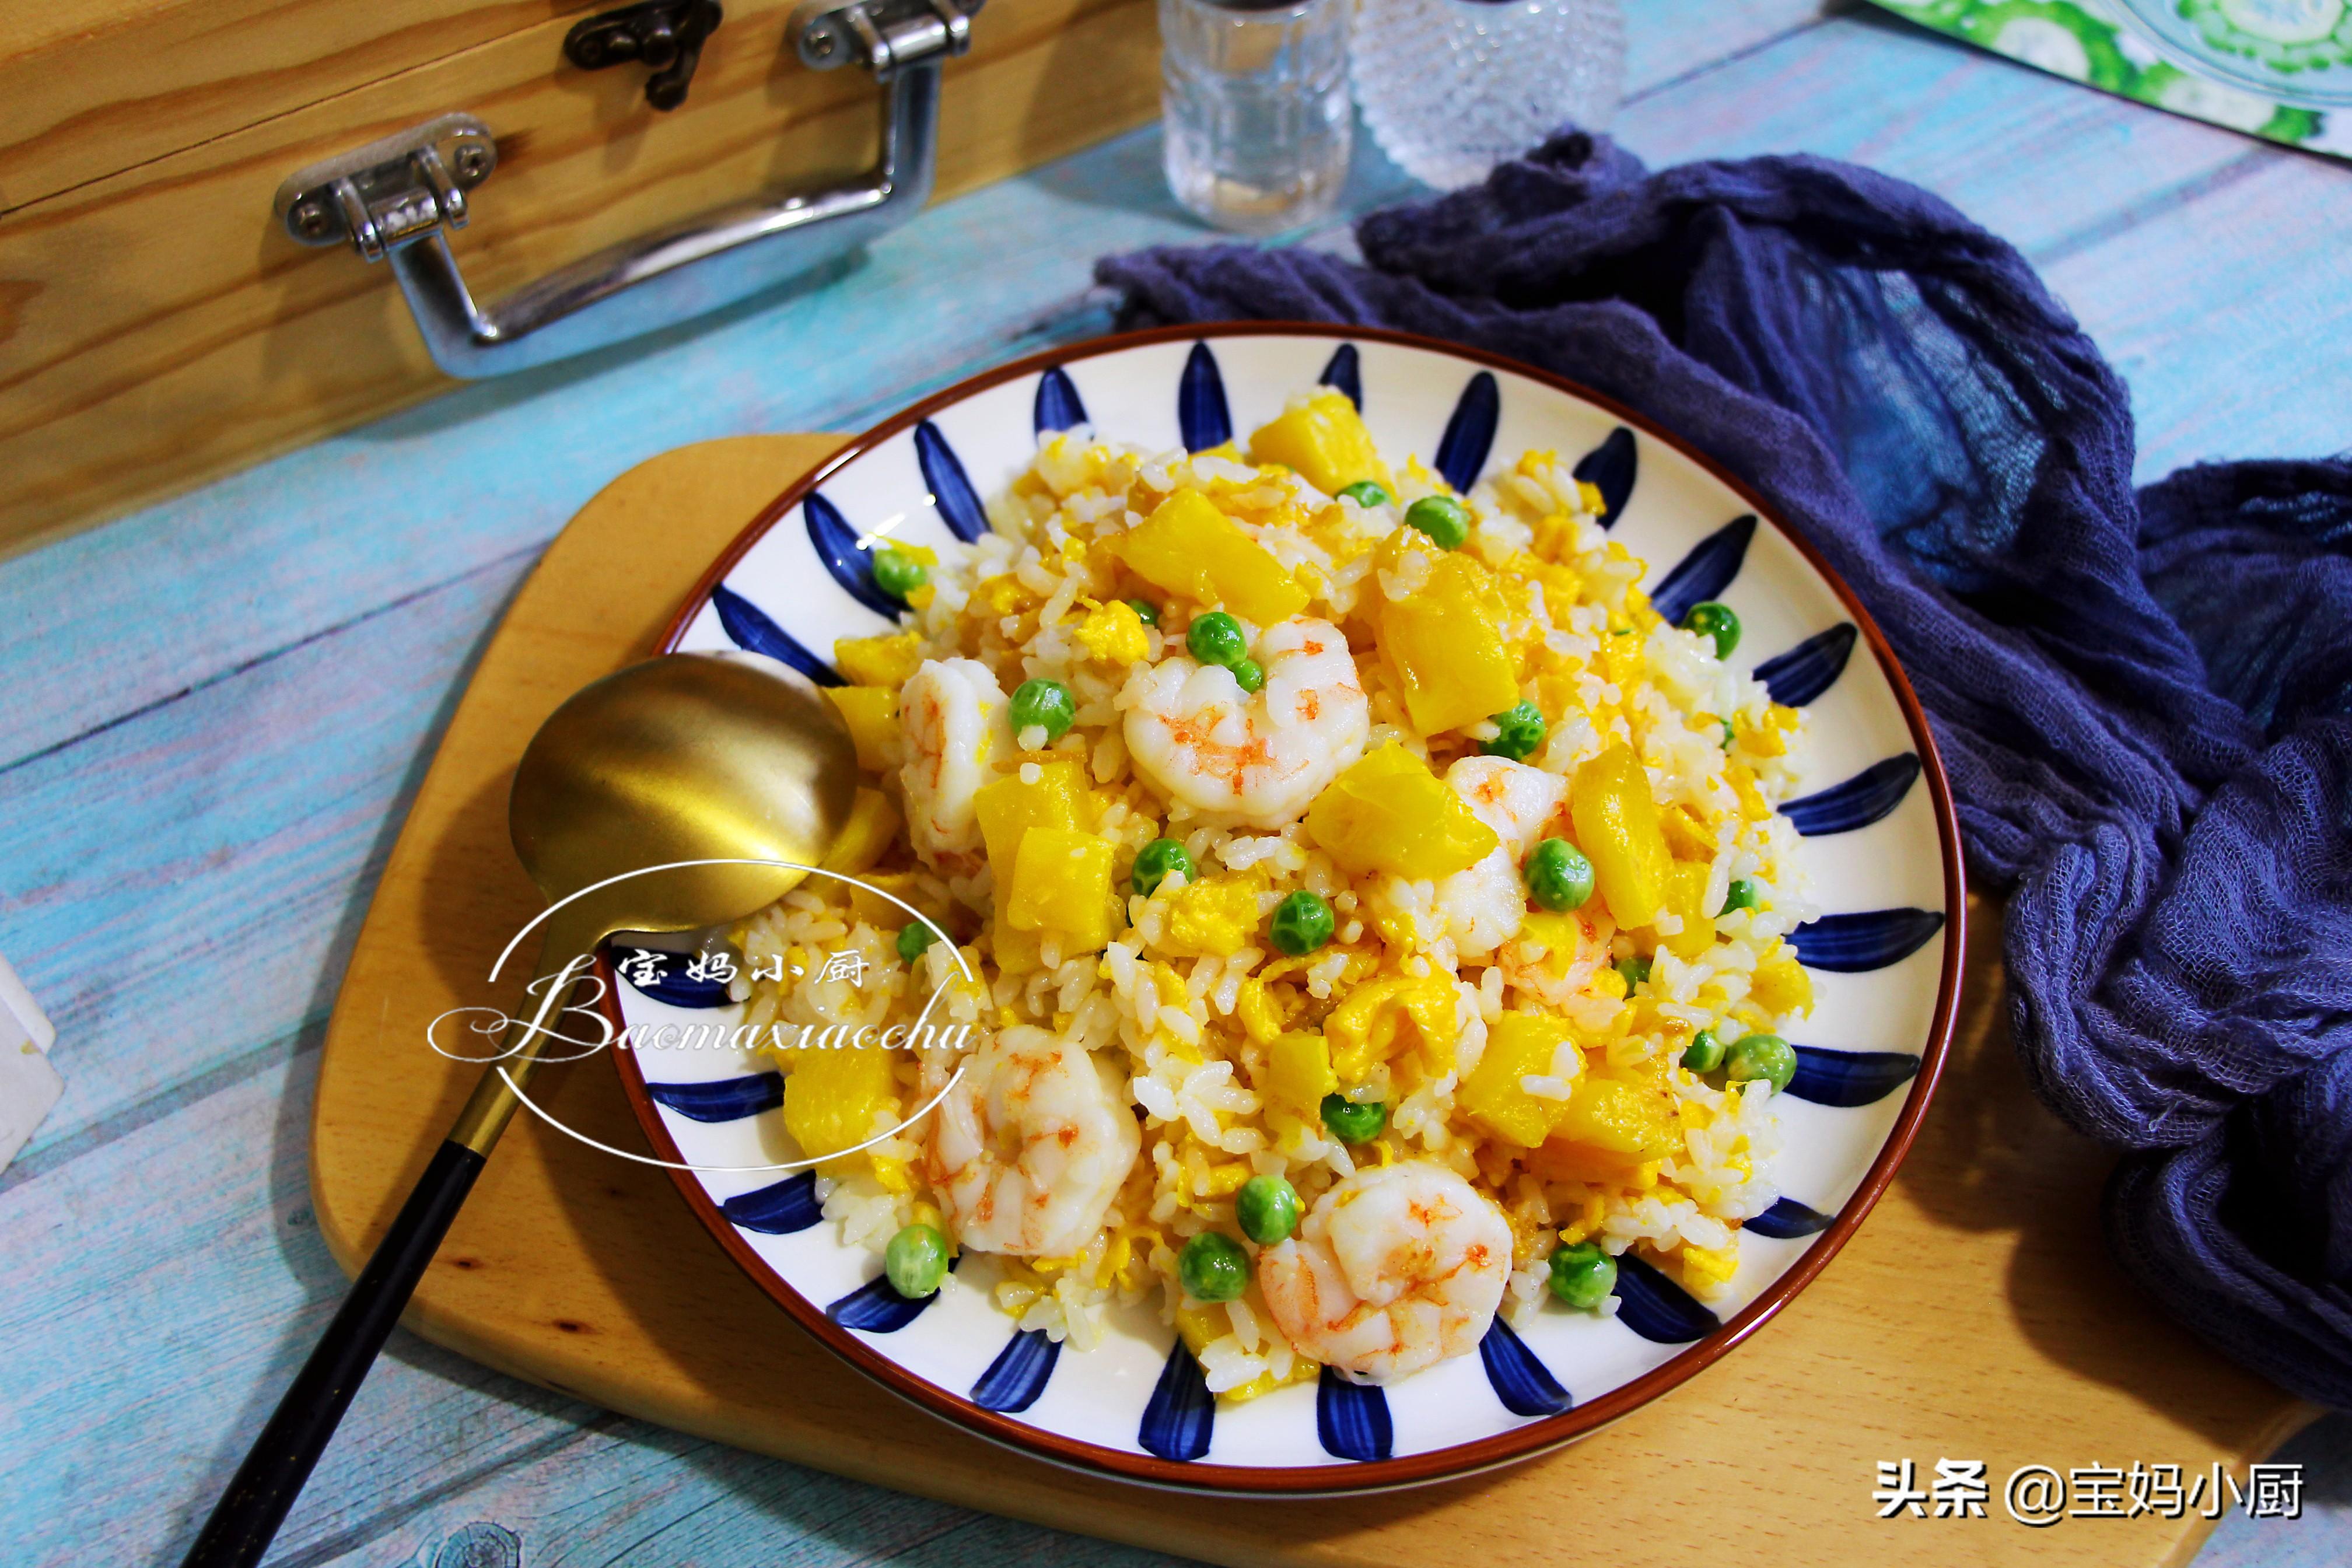 做菠蘿飯,最忌諱加這個料,此方法做,孩子最愛吃,營養多長個子